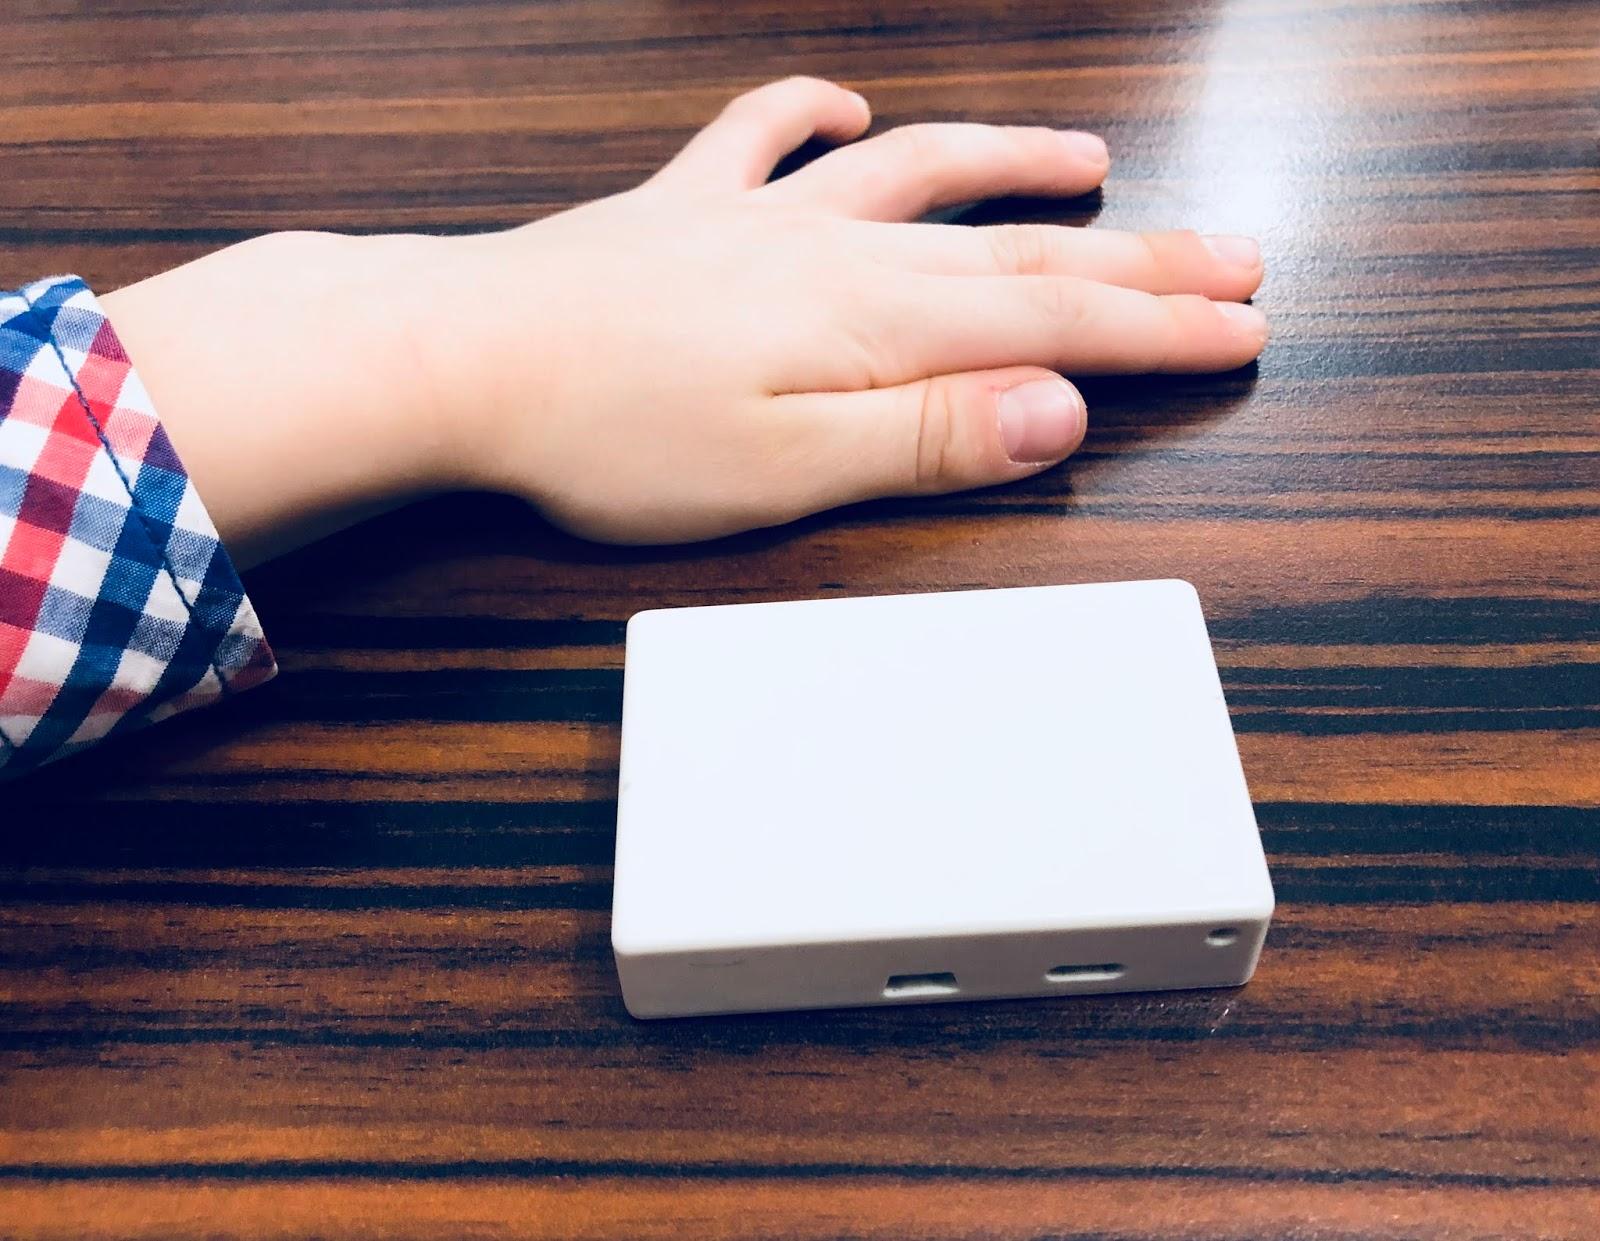 mydiababy: блог о детском диабете: Как настроить удаленный